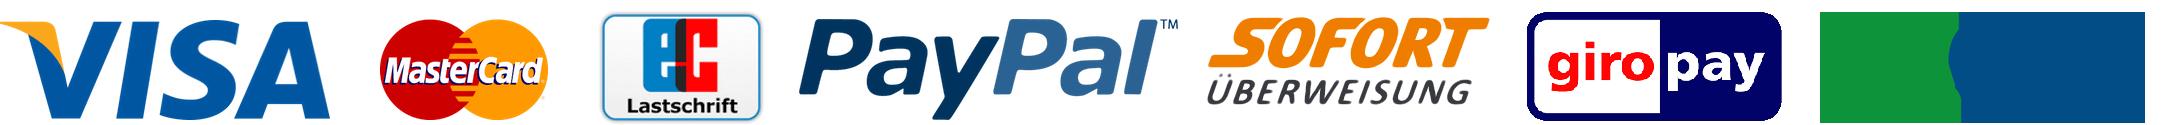 Zahlungsarten Visa, MasterCard, Lastschrift, PayPal, SofortÜberweisung, Giropay, Paydirekt